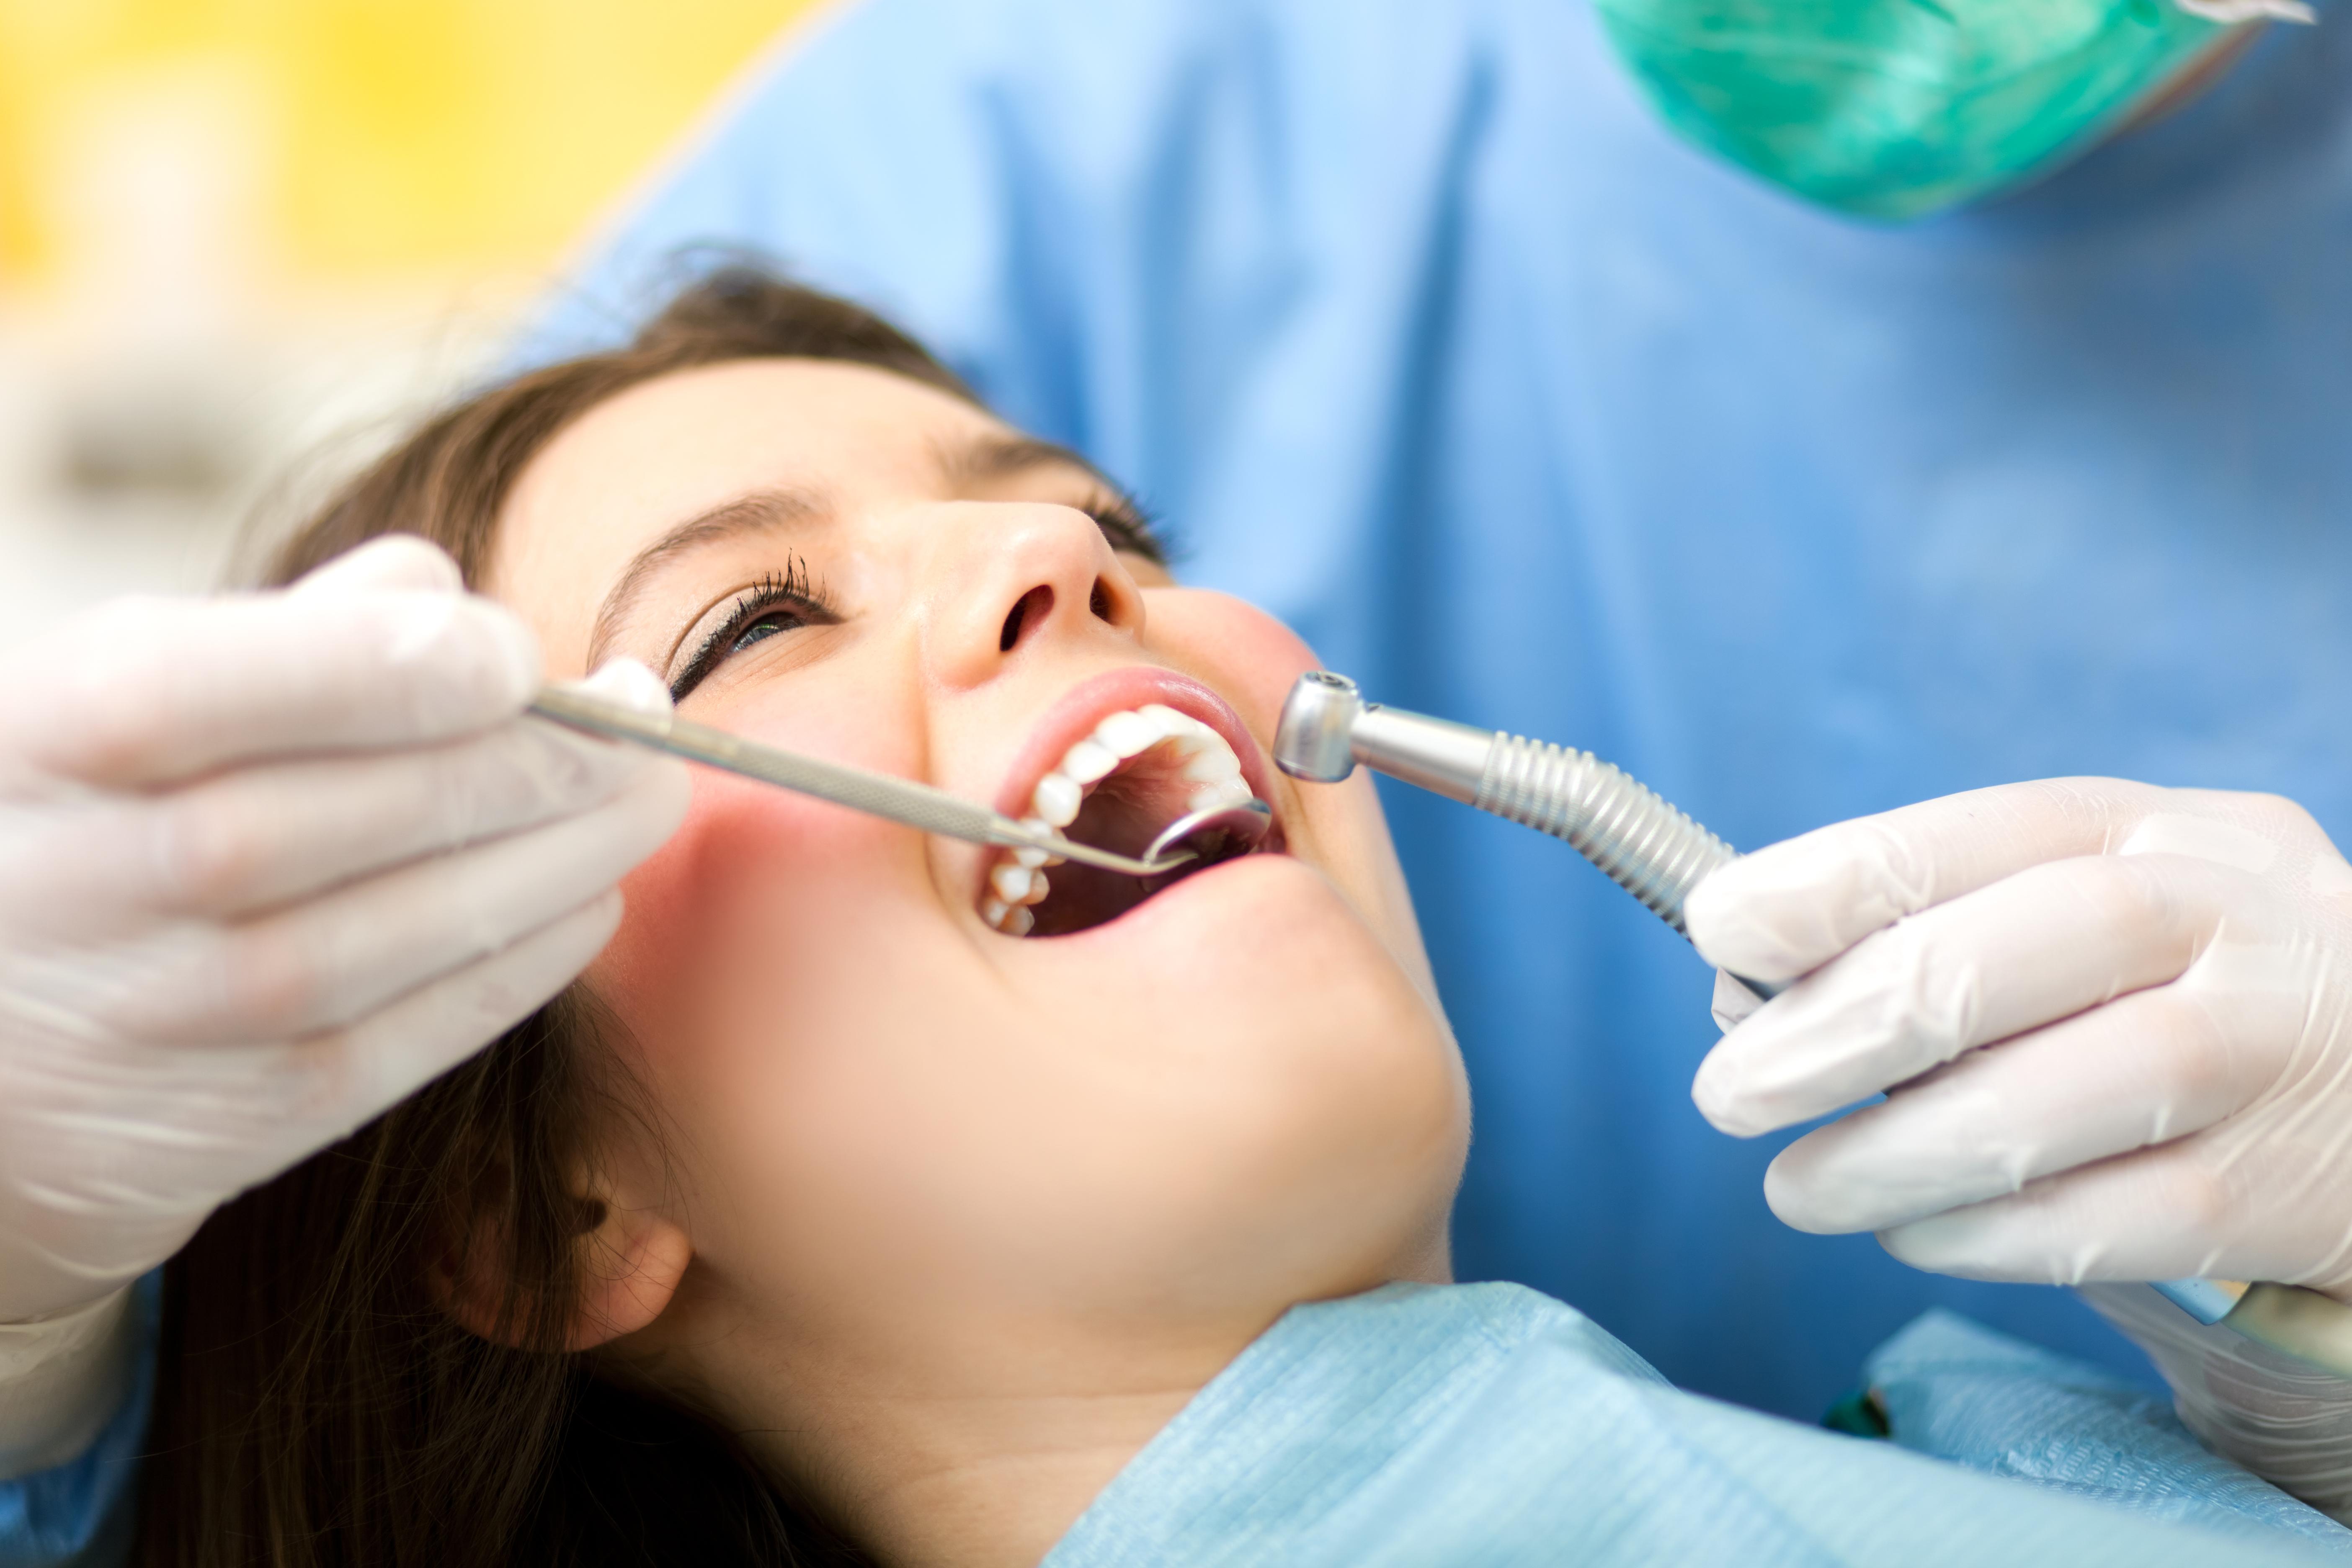 Med lokalbedøvelse og eventuell sedasjon får du en mer behagelig tannlegeopplevelse.